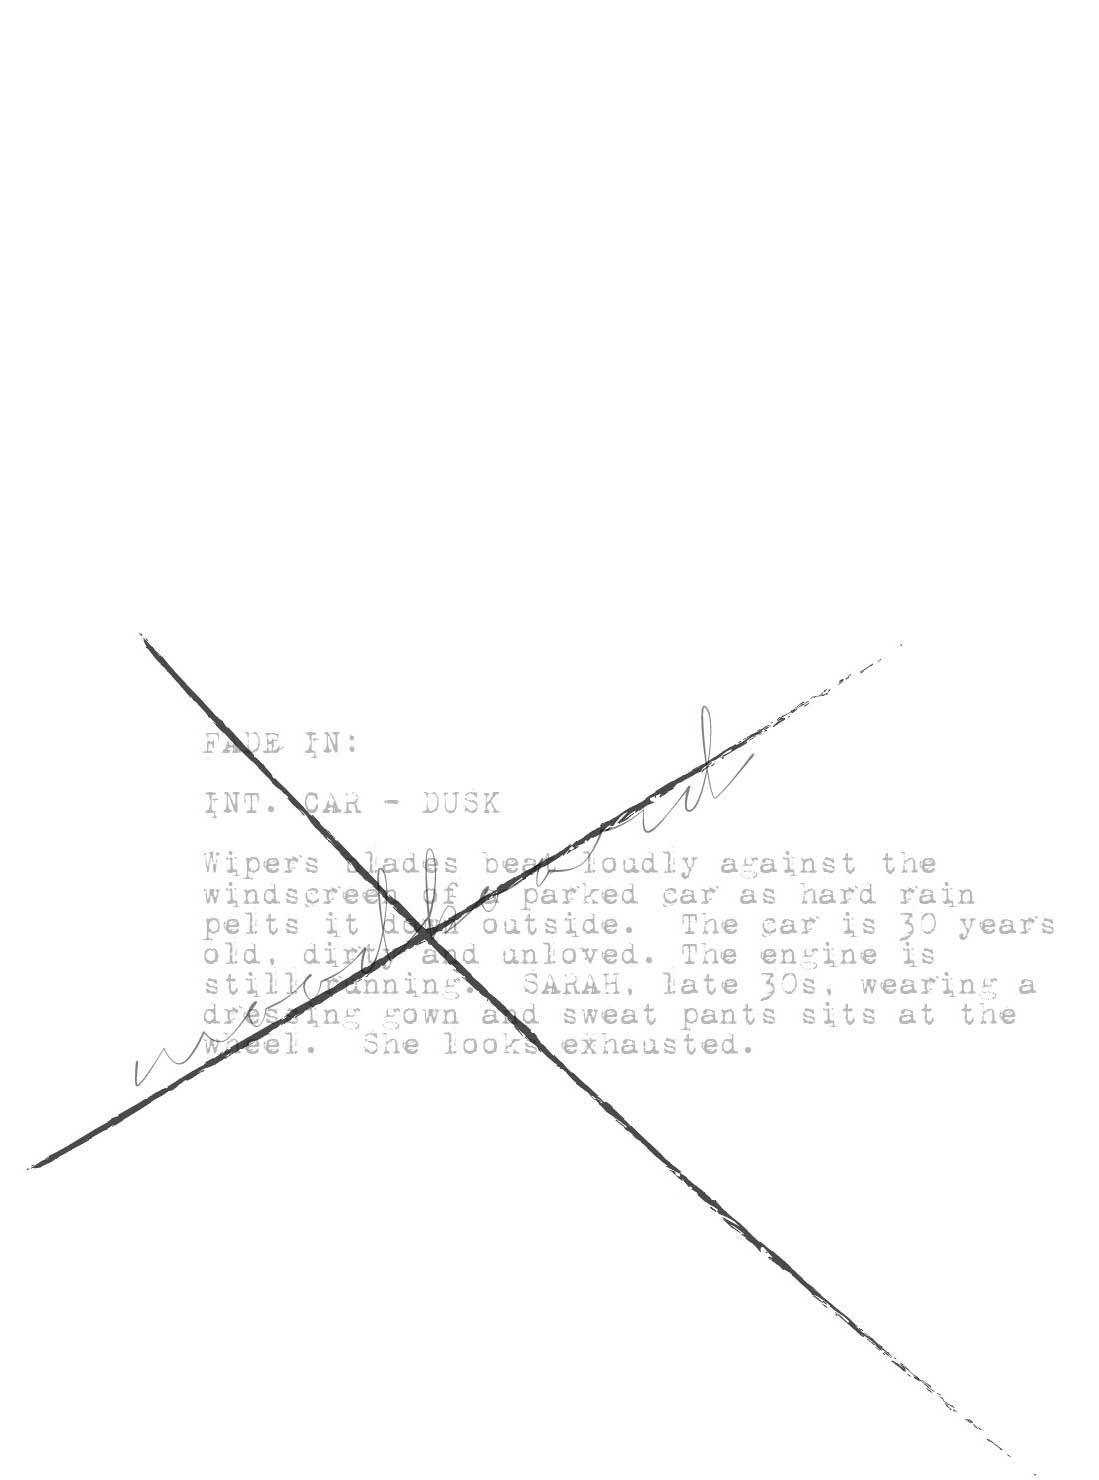 glassmountain_script2.jpg